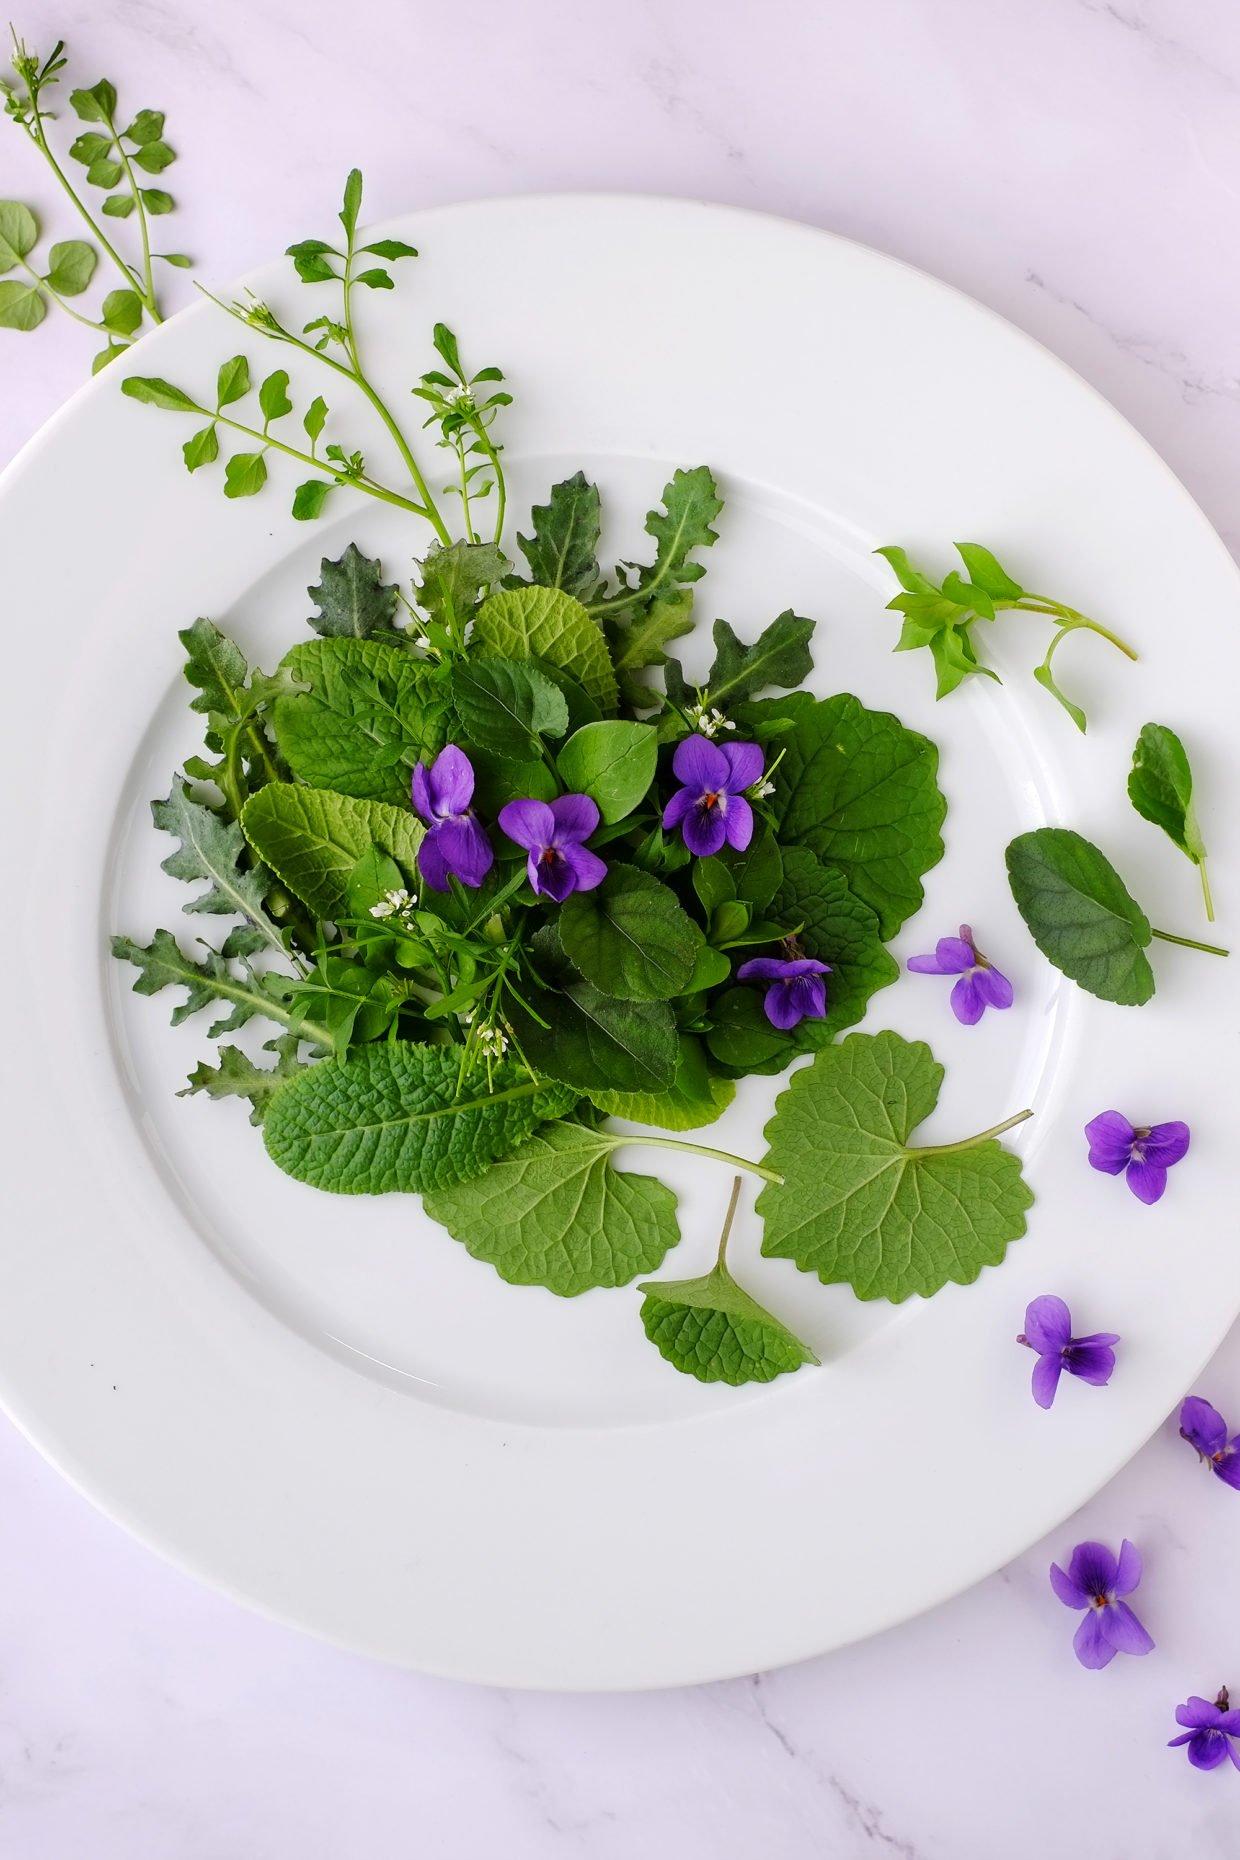 Misticanza d'inizio marzo con fiori di violetta e cardamine 74